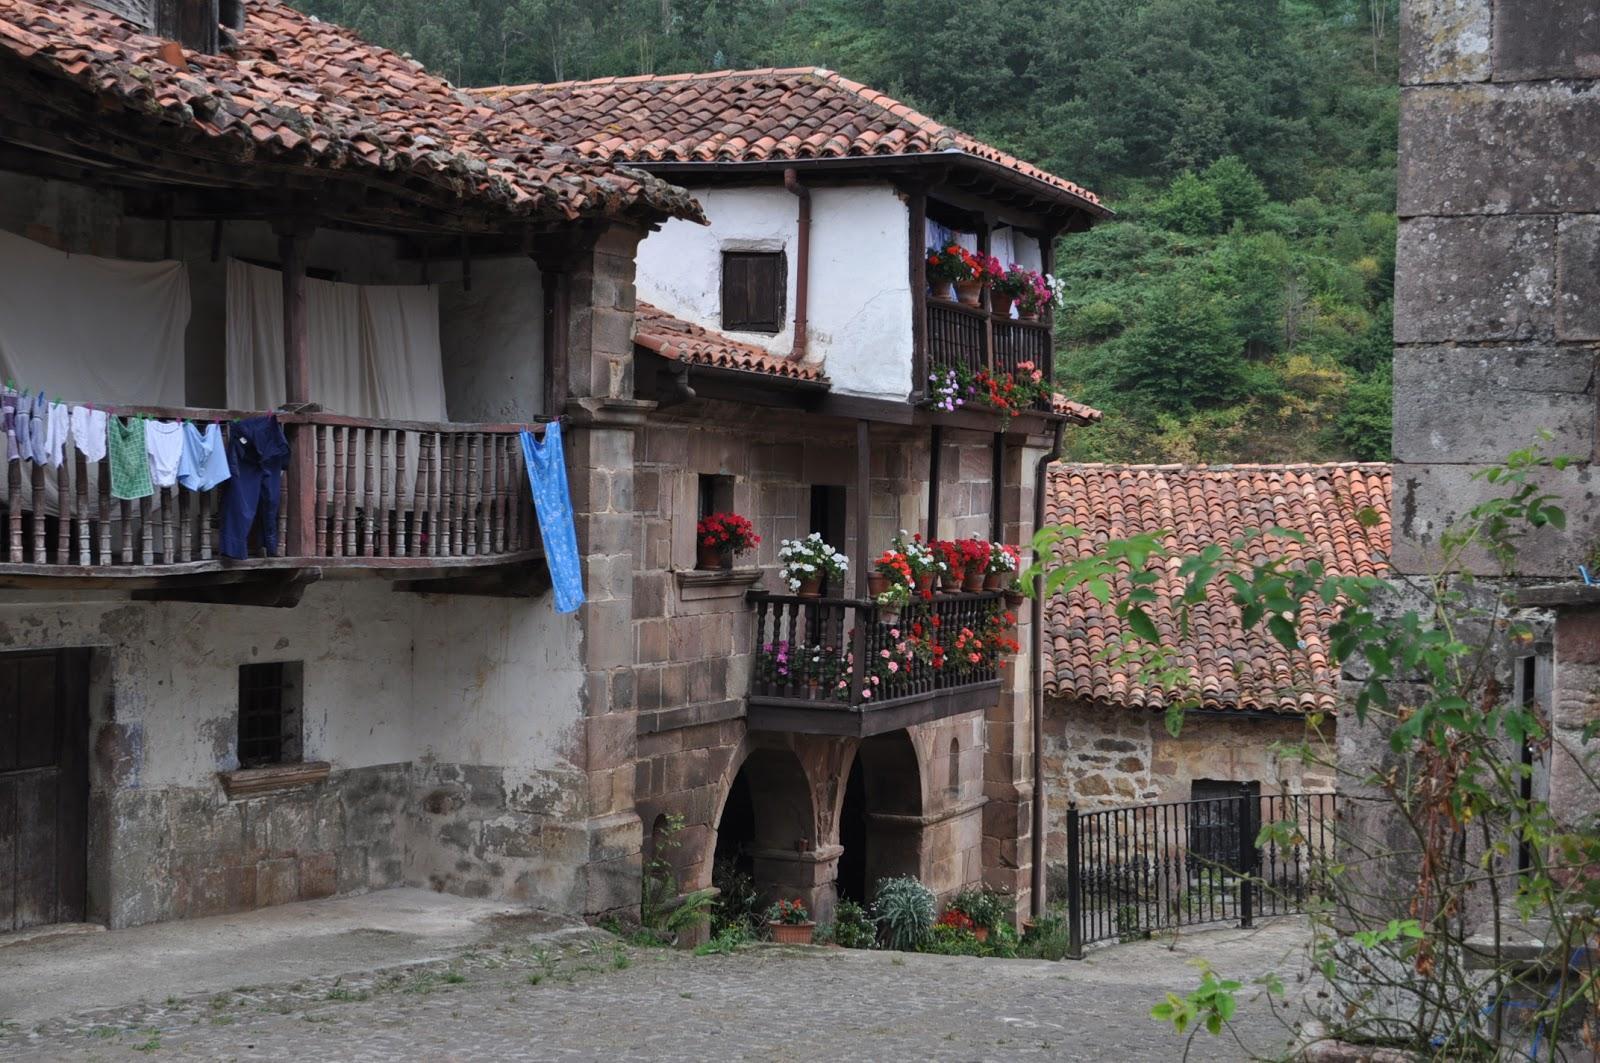 Un paseo por el valle de cabu rniga cantabria paperblog for Casas de pueblo en cantabria